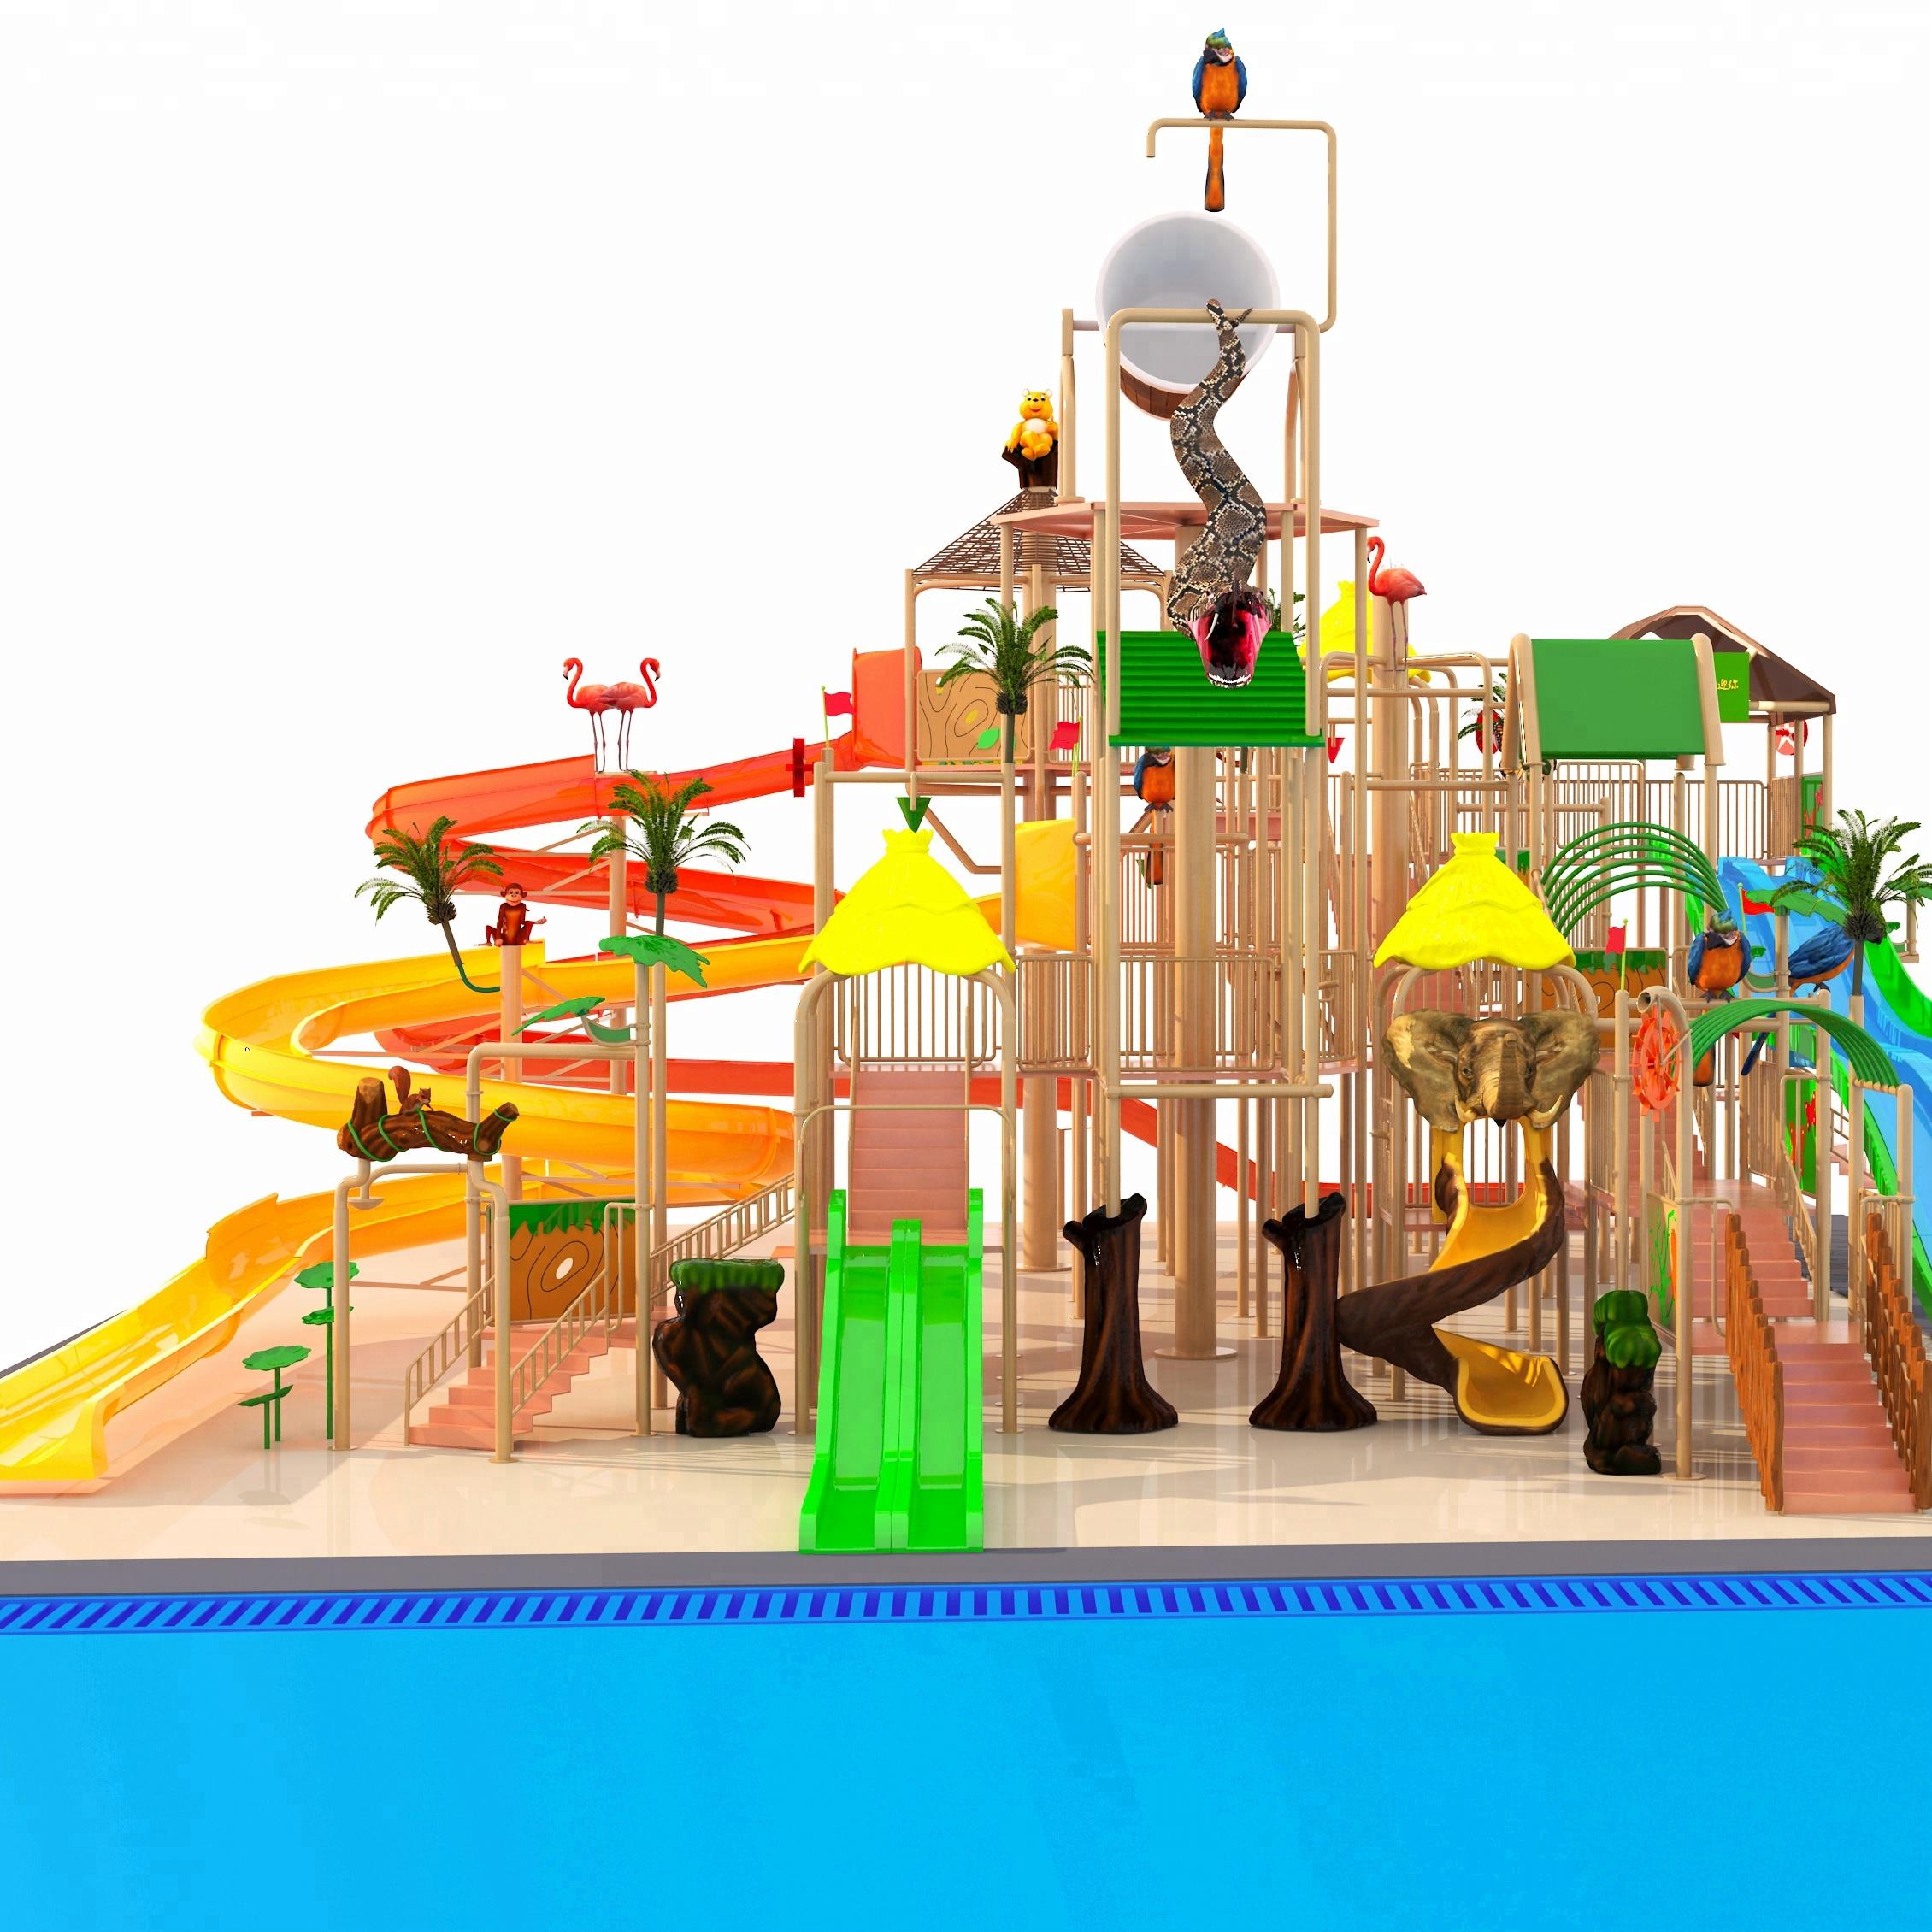 Swimming Pool Water Play Equipment Fiberglass Kids Ridehouse Equipment For  Playground - Buy Theme Park Water Rides,Water Park Spray Equipment,Aquatic  ...